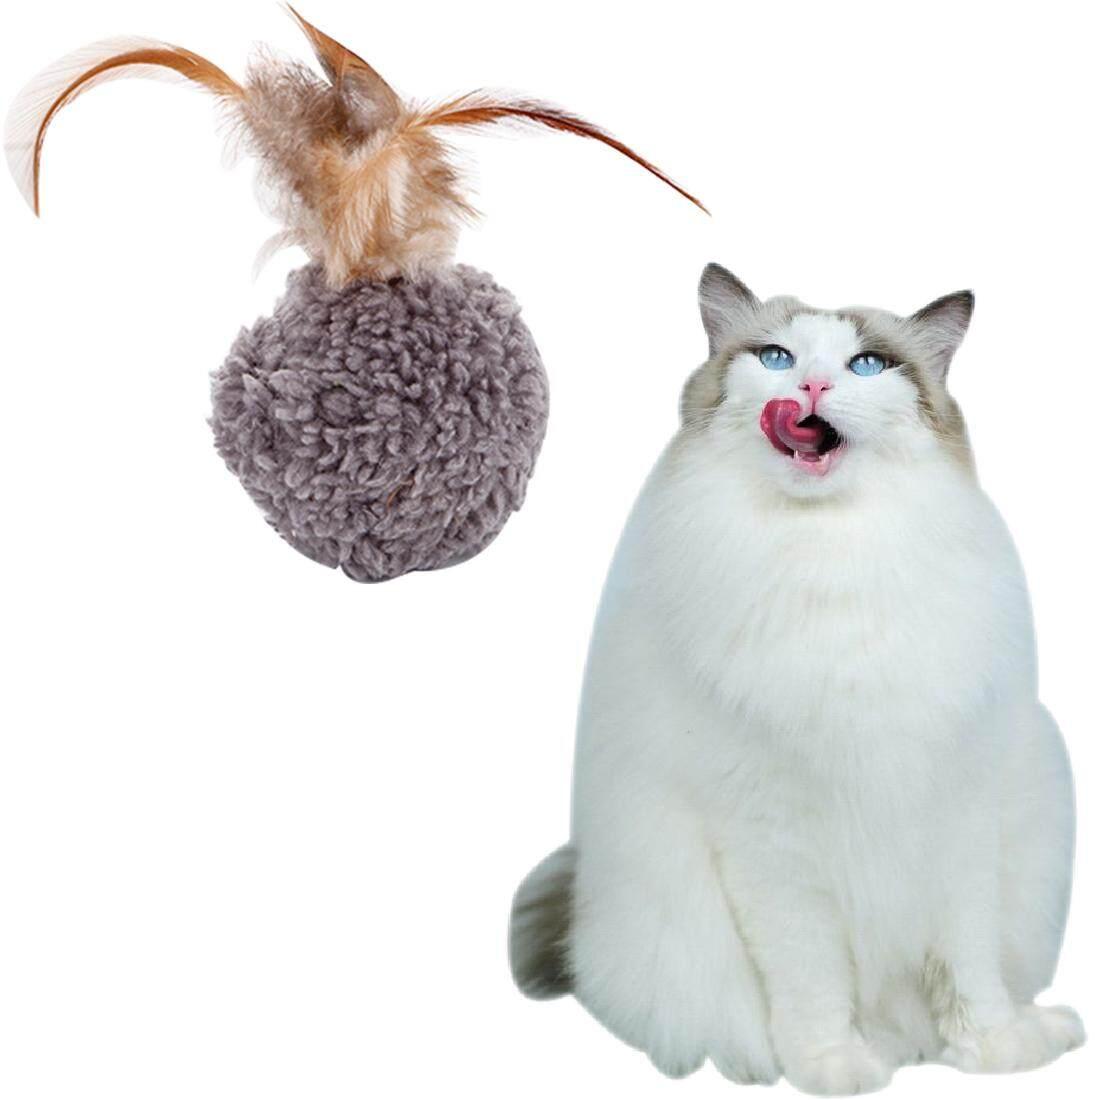 Gambar Produk Rinci Peliharaan Kucing Mainan Mewah Bola Lint Menghibur Mainan Tongkat Interaktif Mengobrol Bulu Mainan